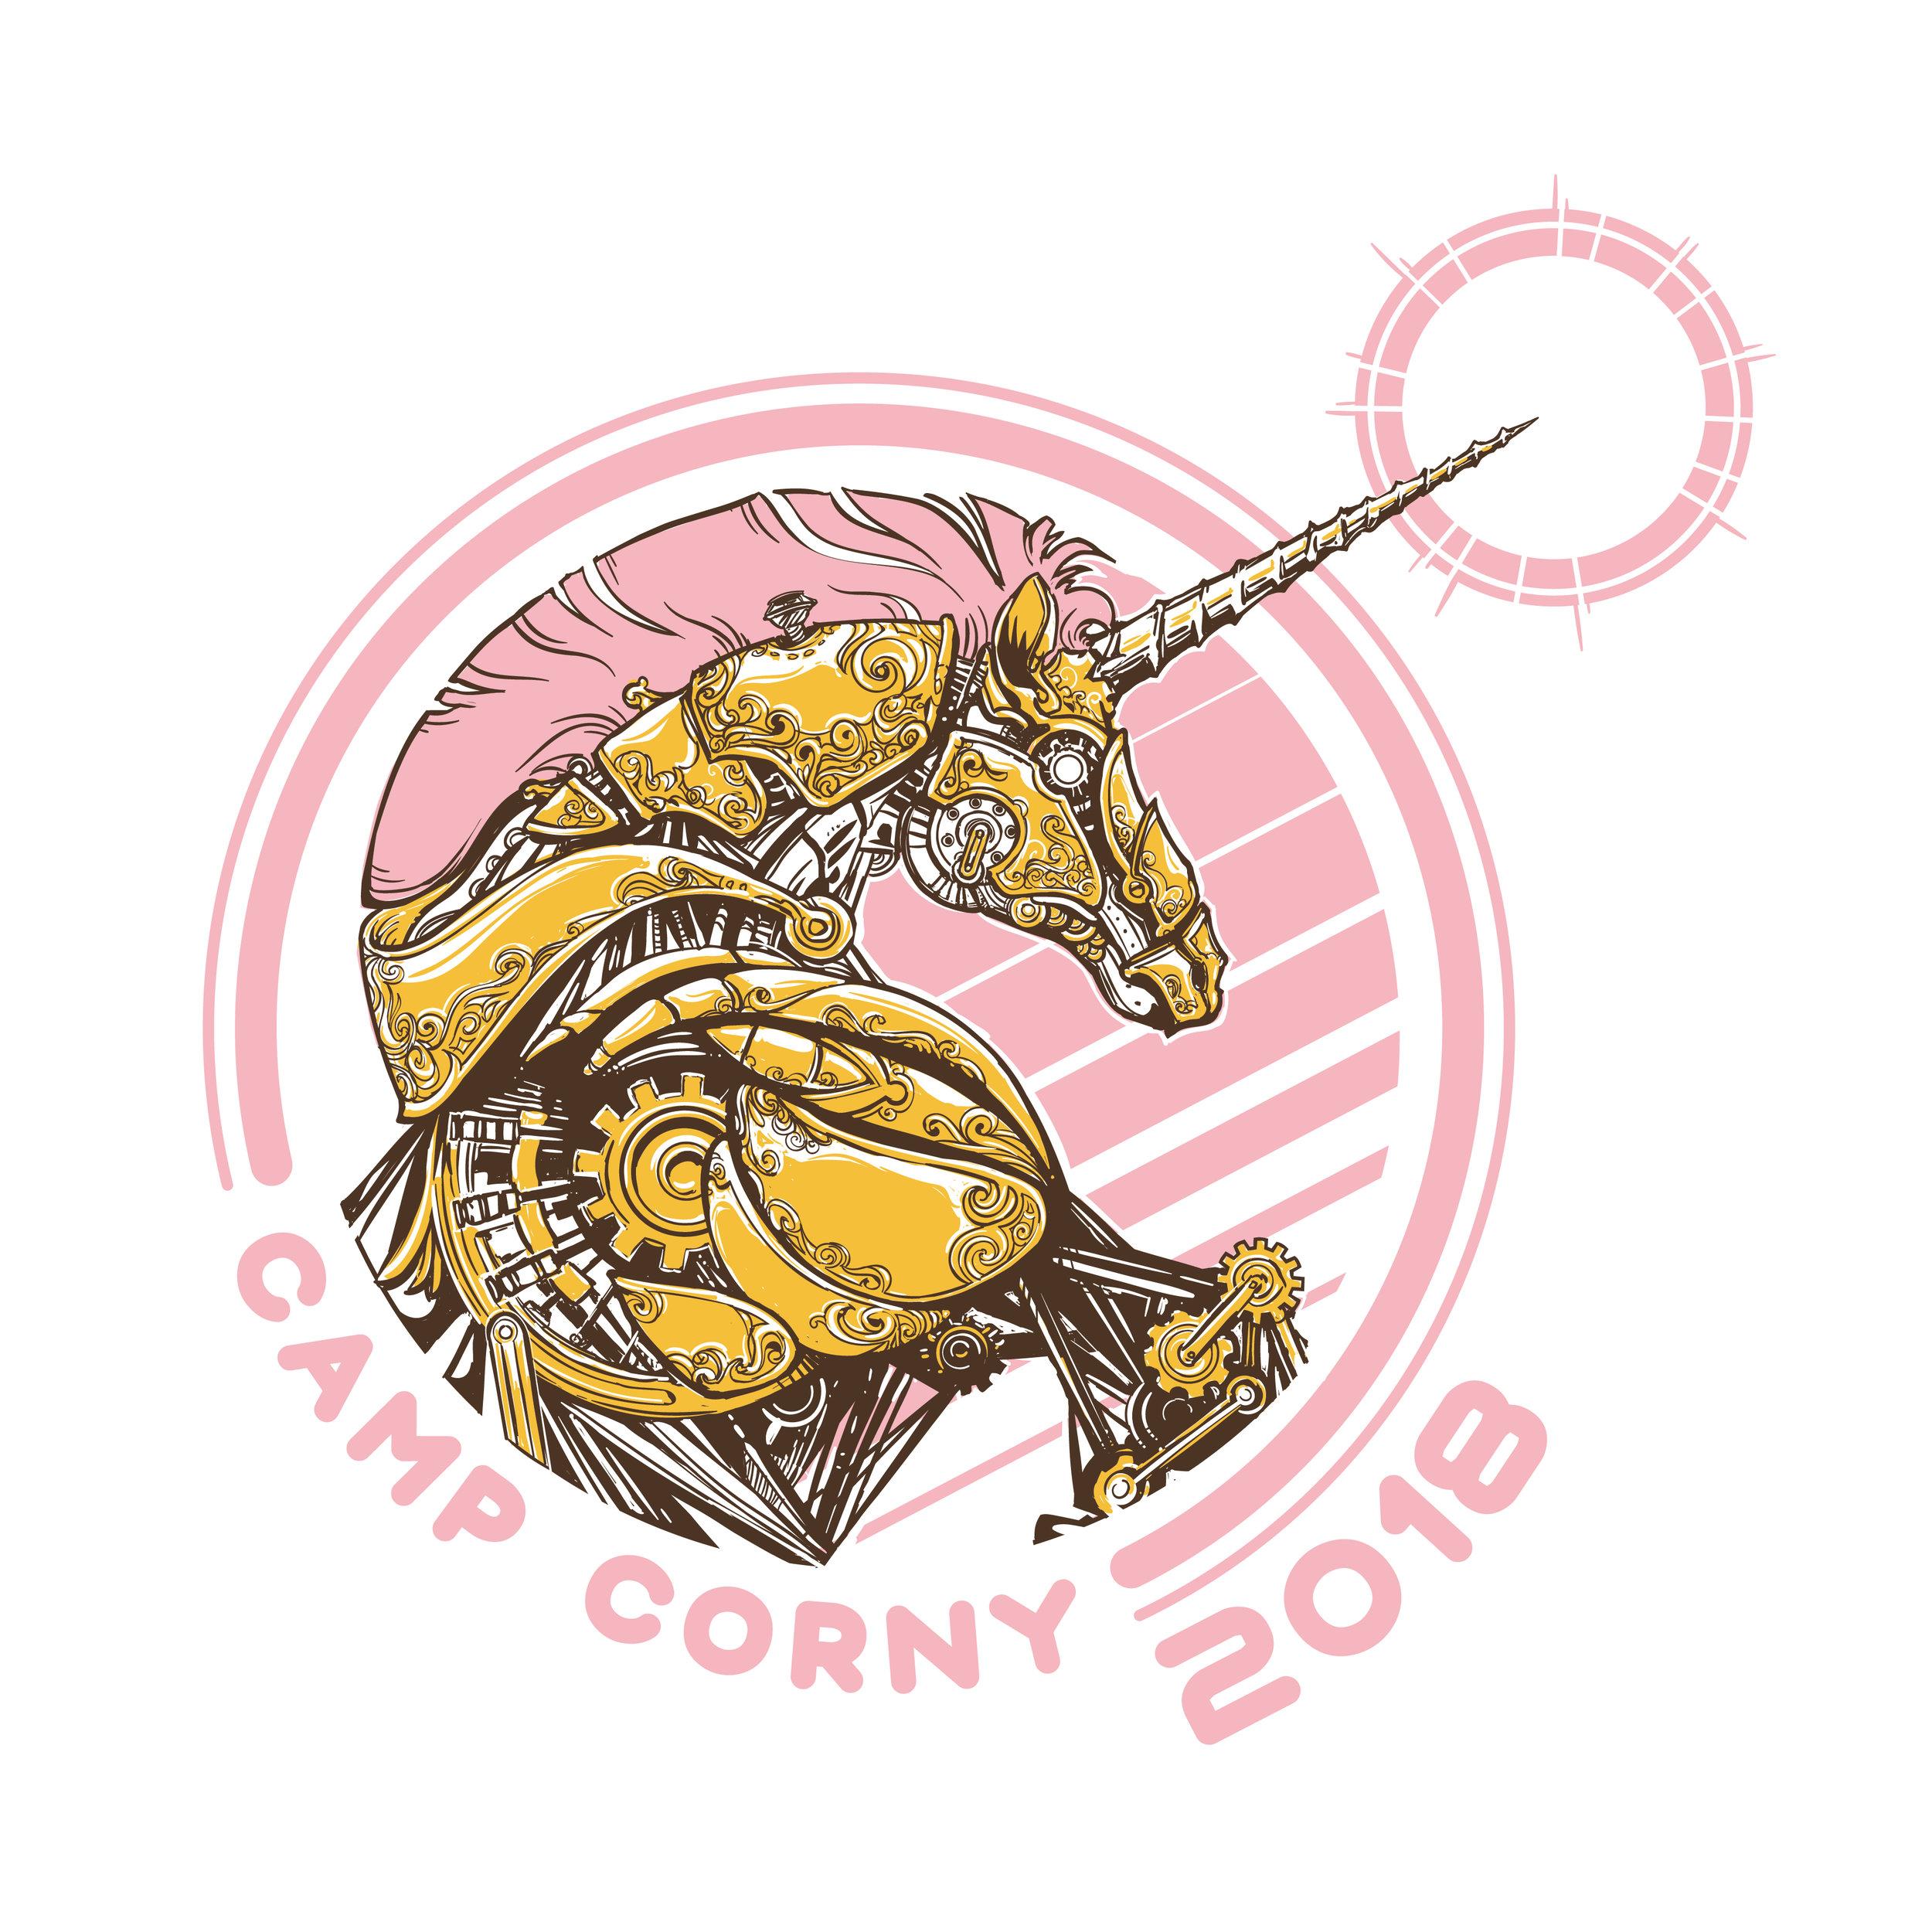 campcorny-3color-01.jpg